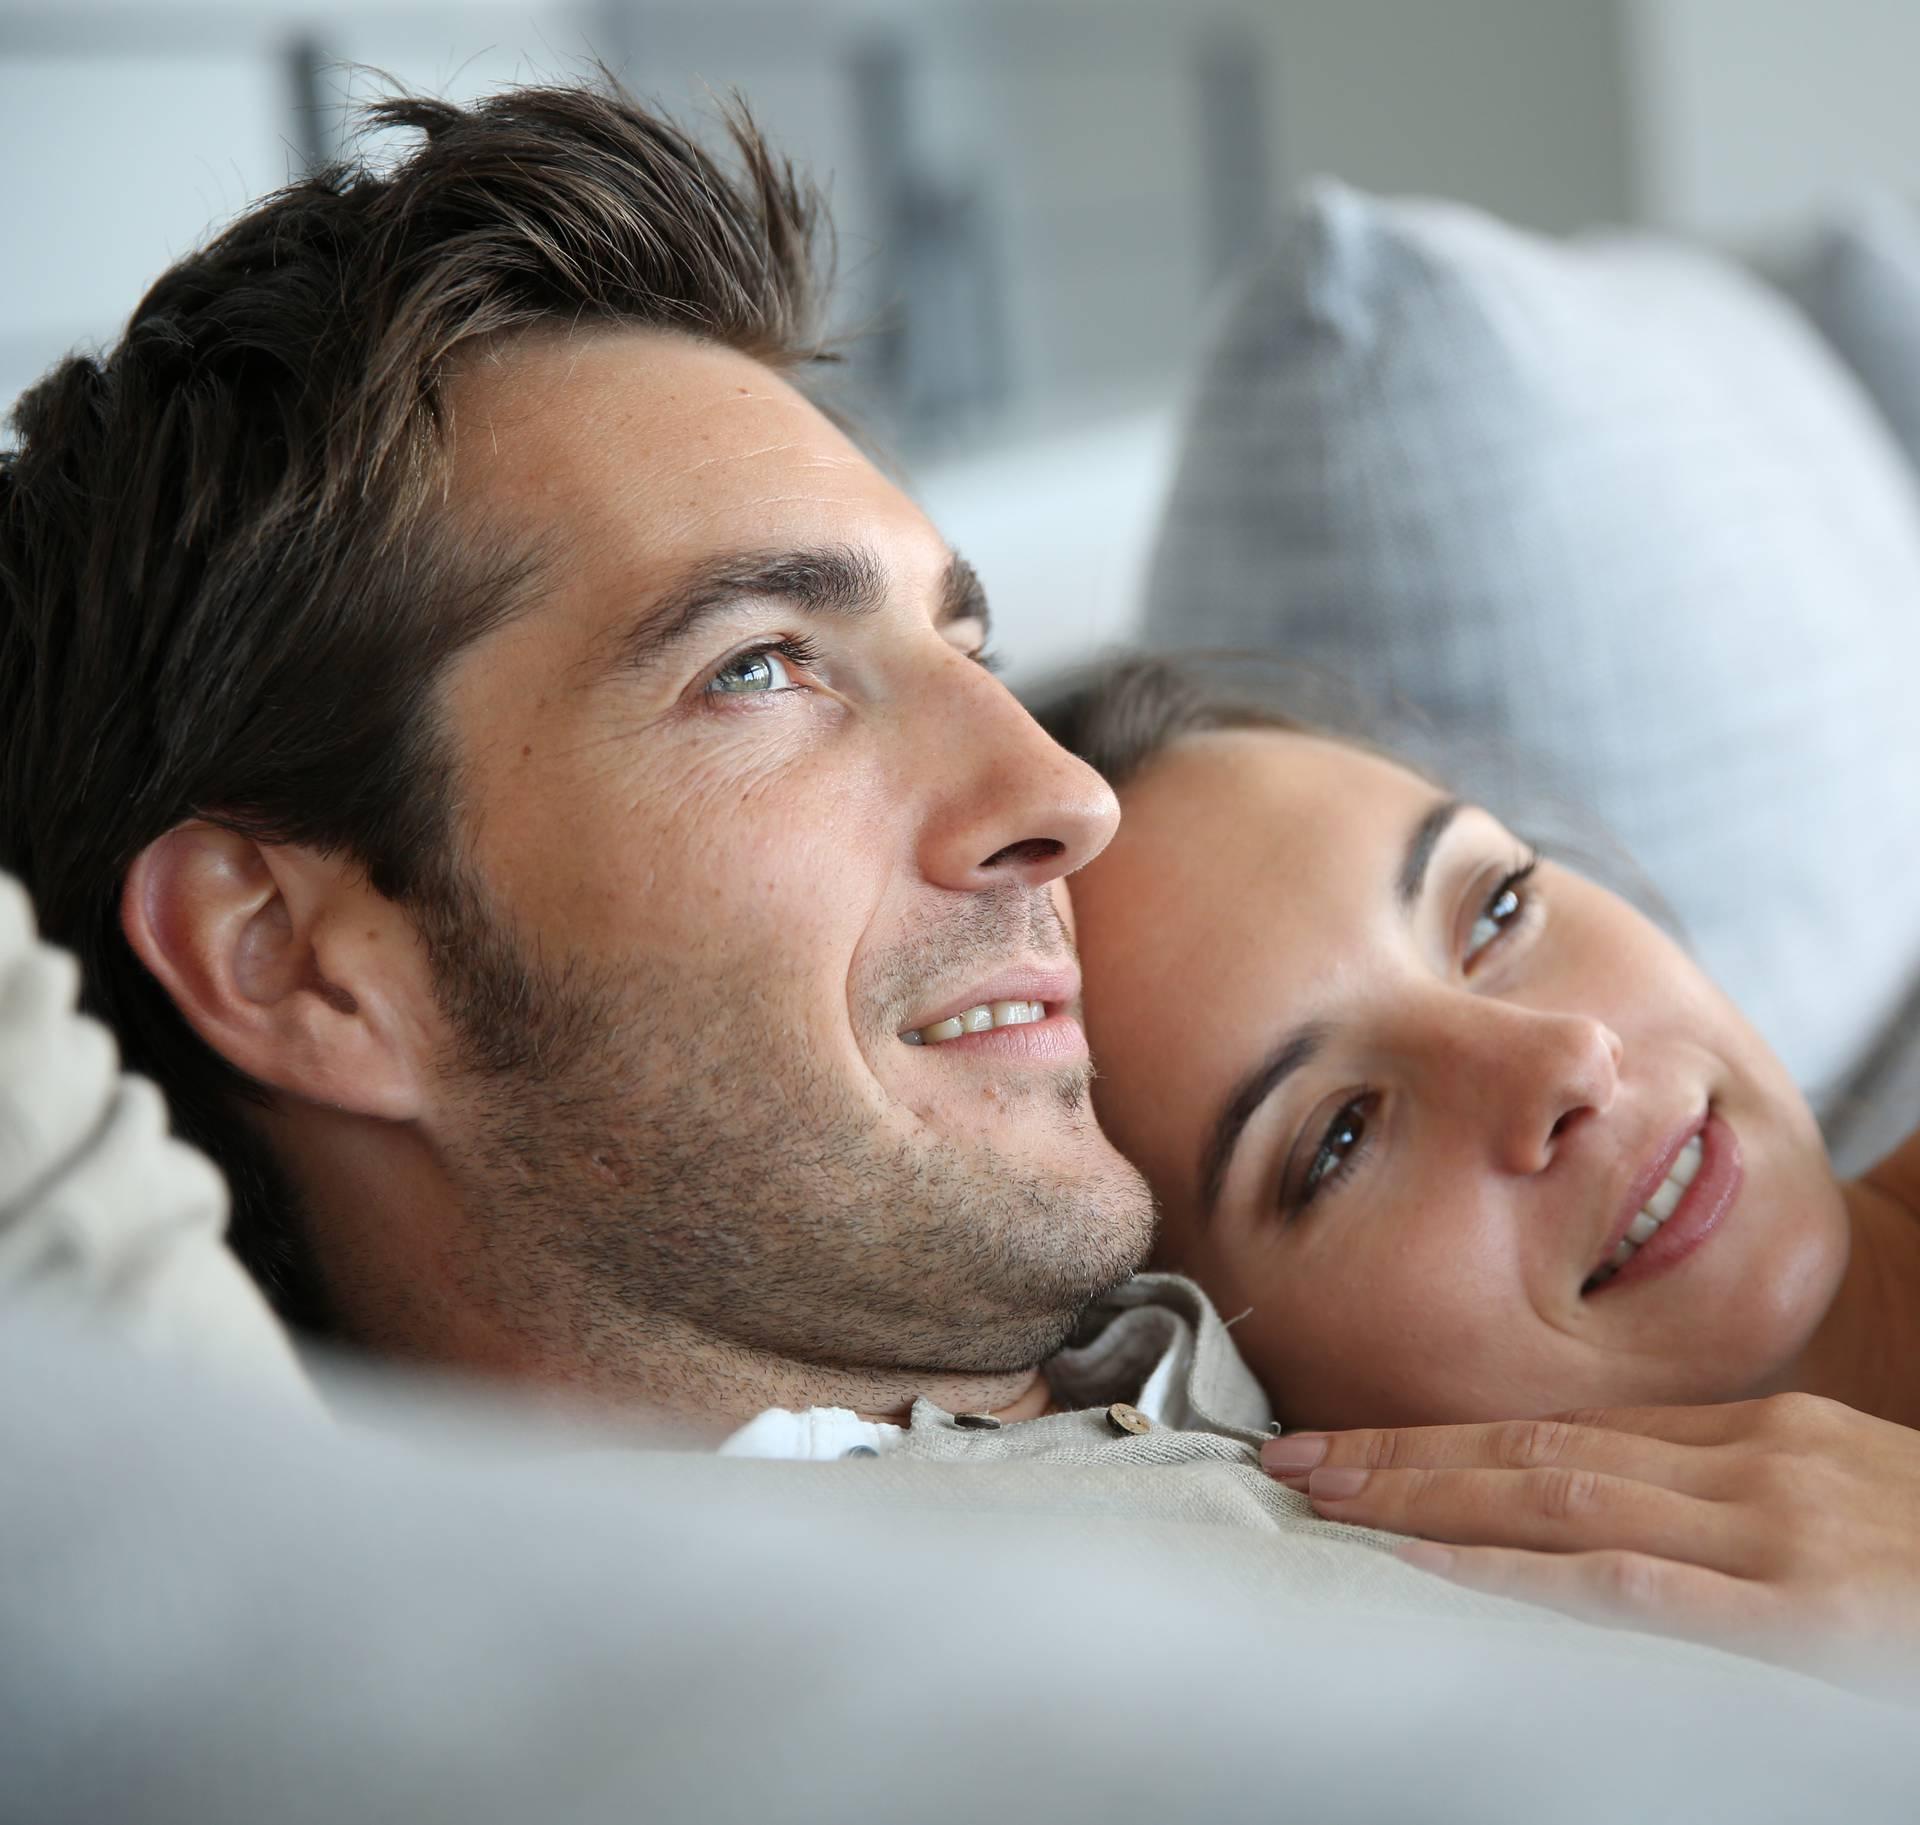 Što sve možete očekivati kada ste u ljubavnoj vezi s empatom